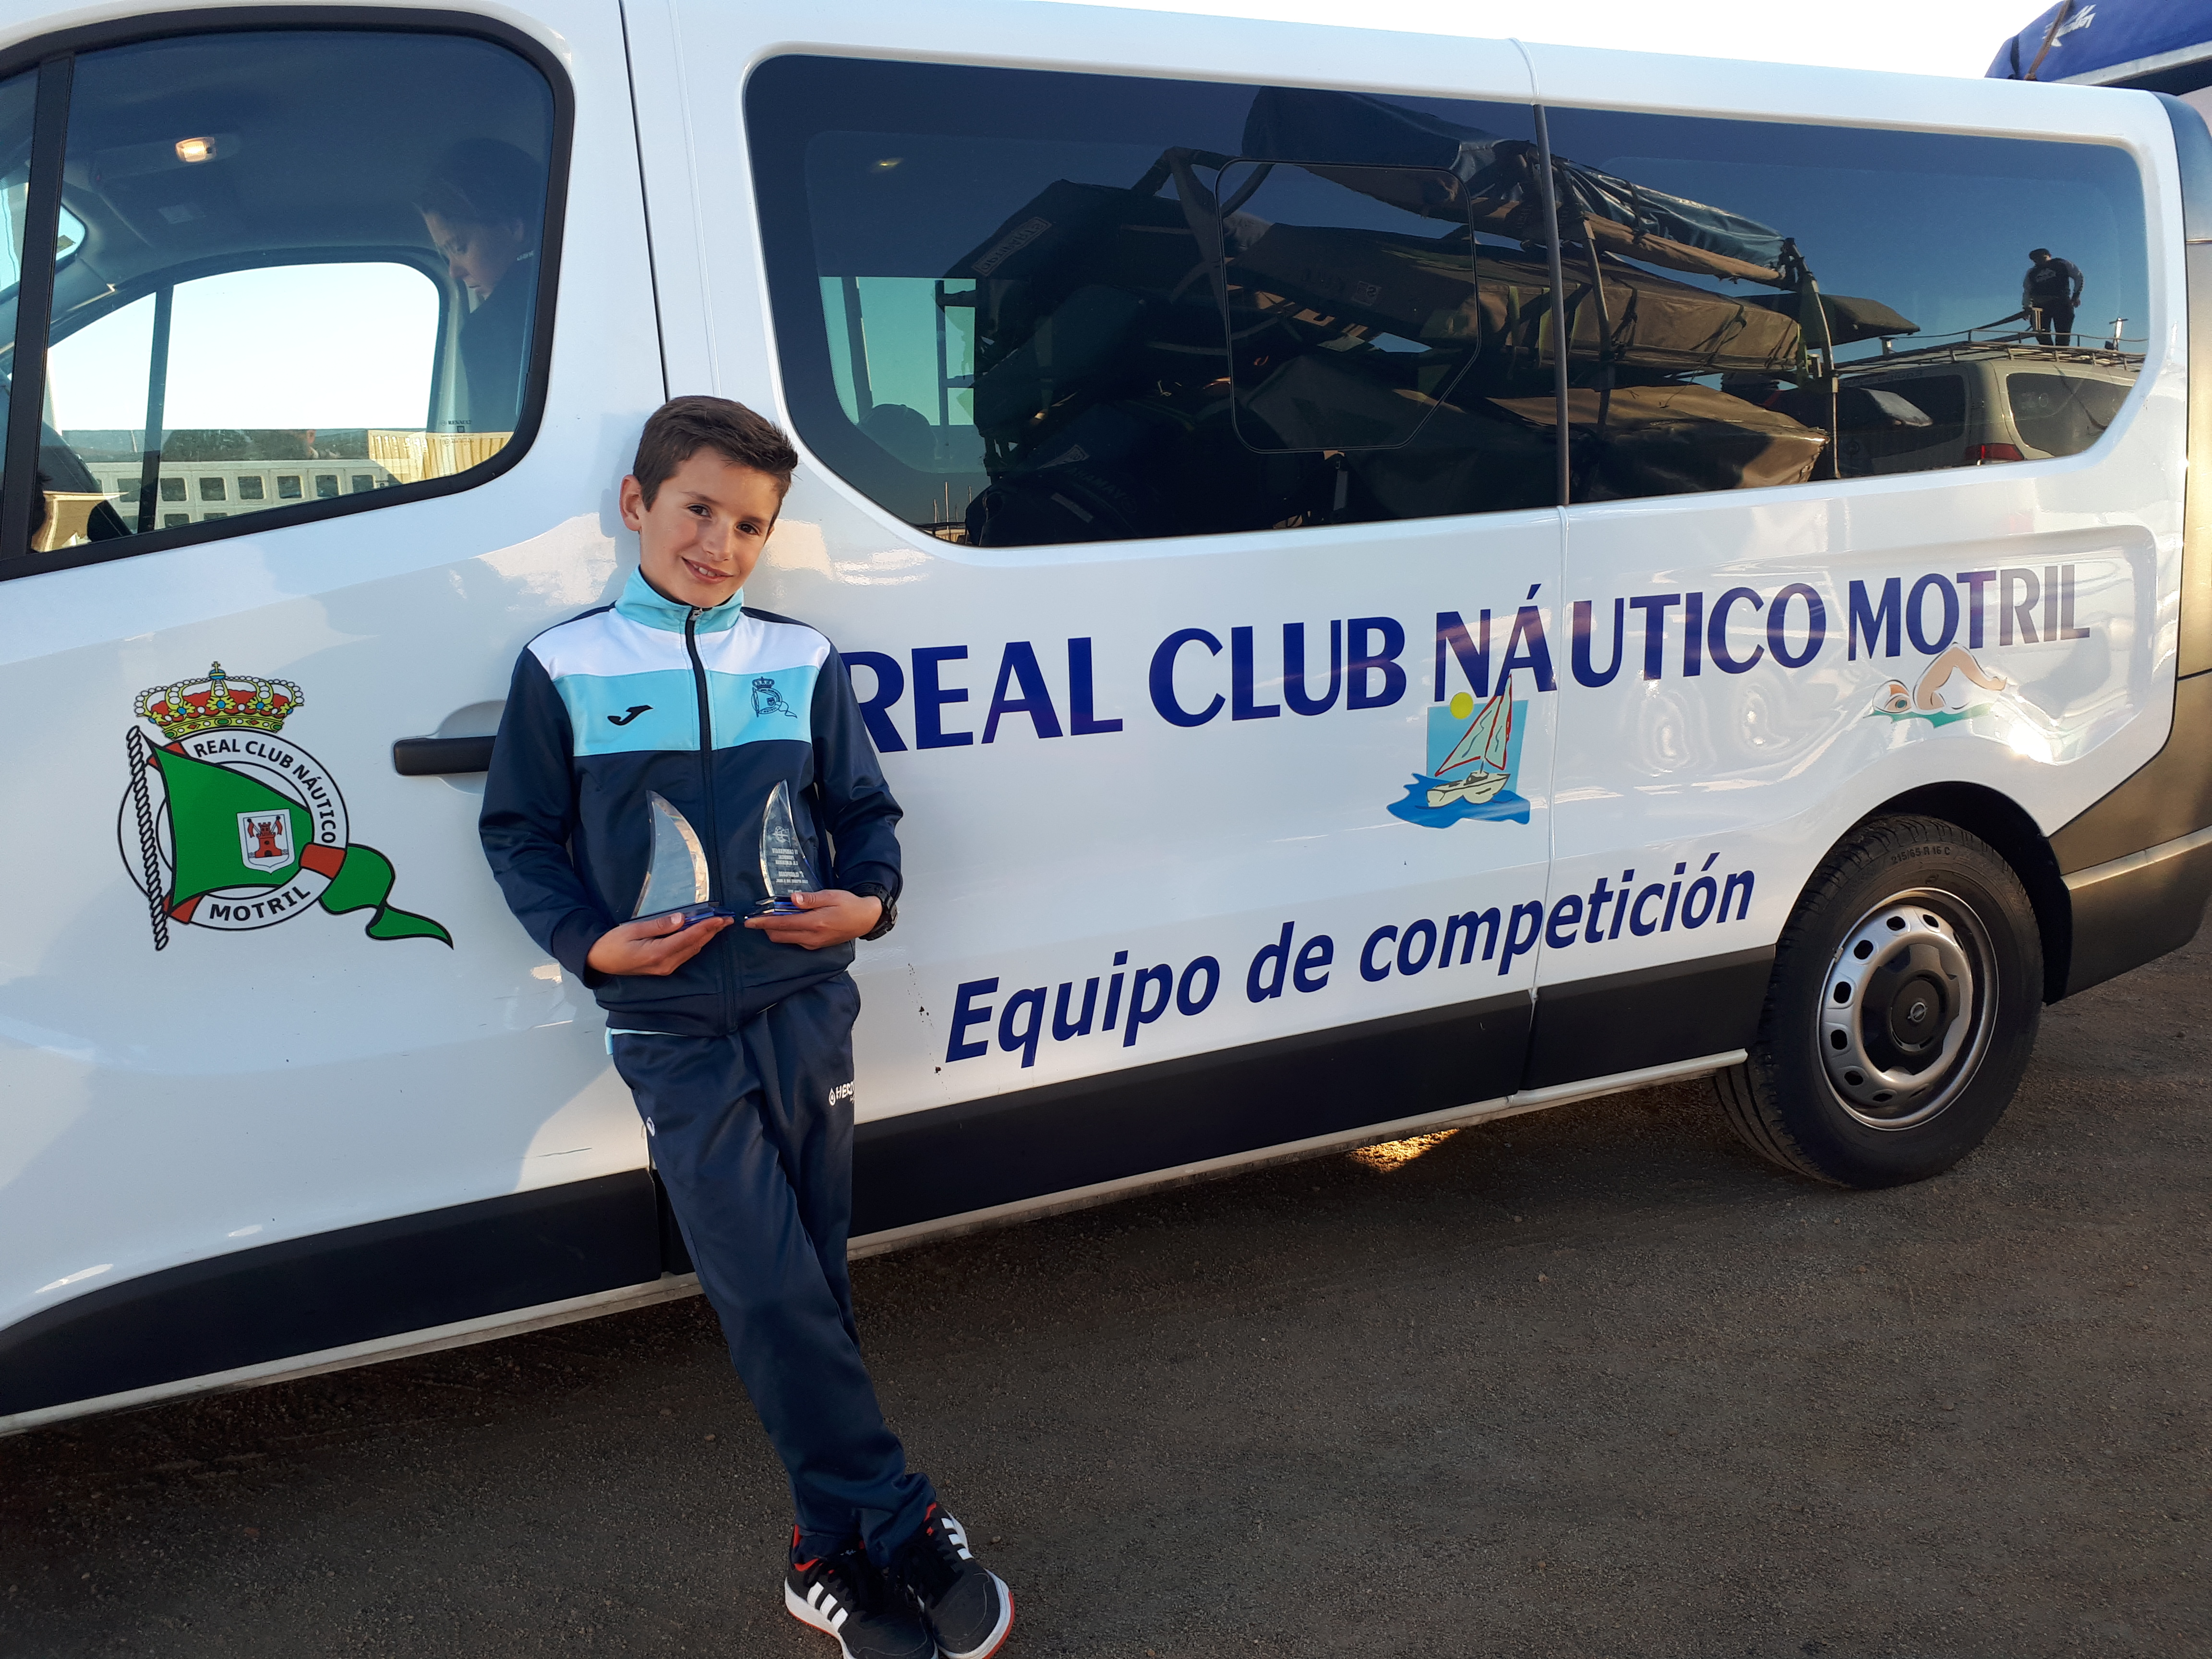 JAVIER BALLESTEROS LÓPEZ, DEL REAL CLUB NÁUTICO DE MOTRIL